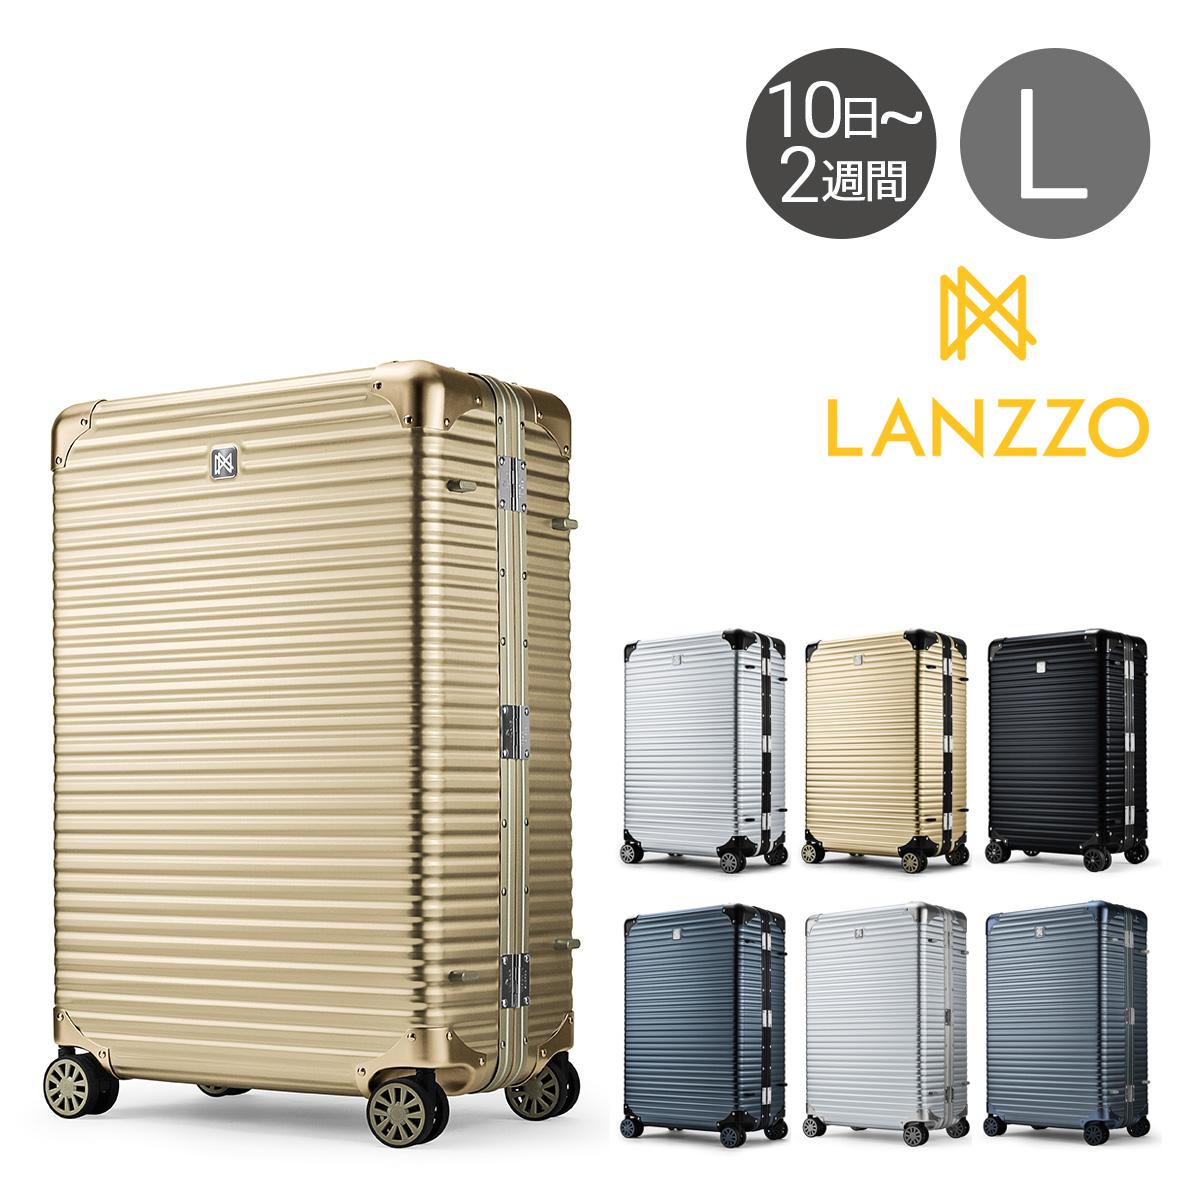 ランツォ スーツケース ノーマン 29インチ|87L 70cm 7kg|アルミニウム合金 5年保証 アルミ ハード フレーム TSAロック搭載 キャリーケース LANZZO [bef]